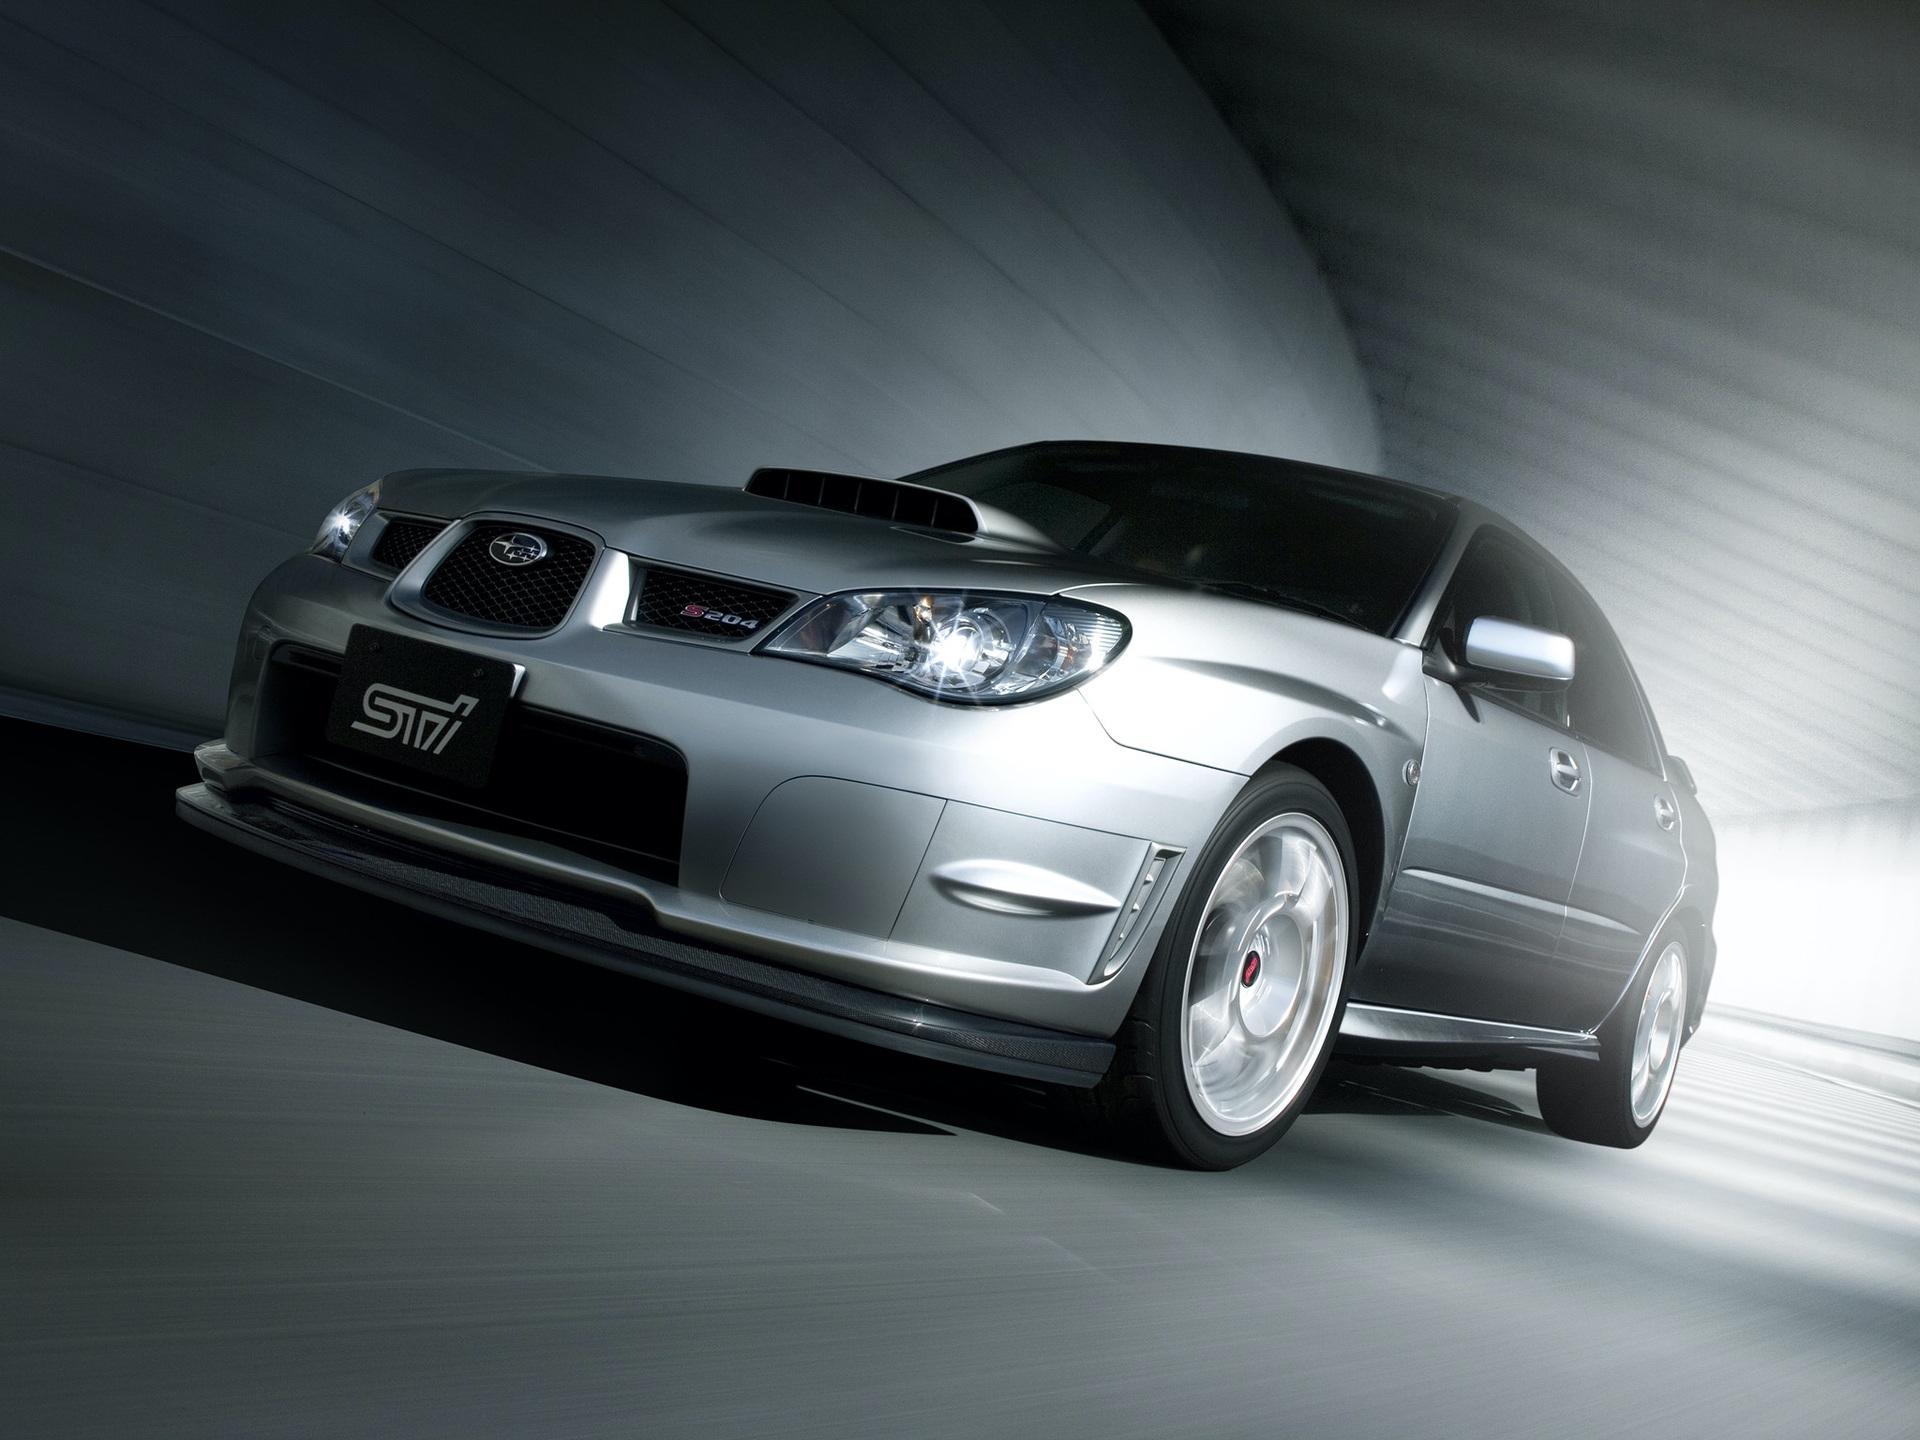 Subaru_Impreza_STI_S204_0004